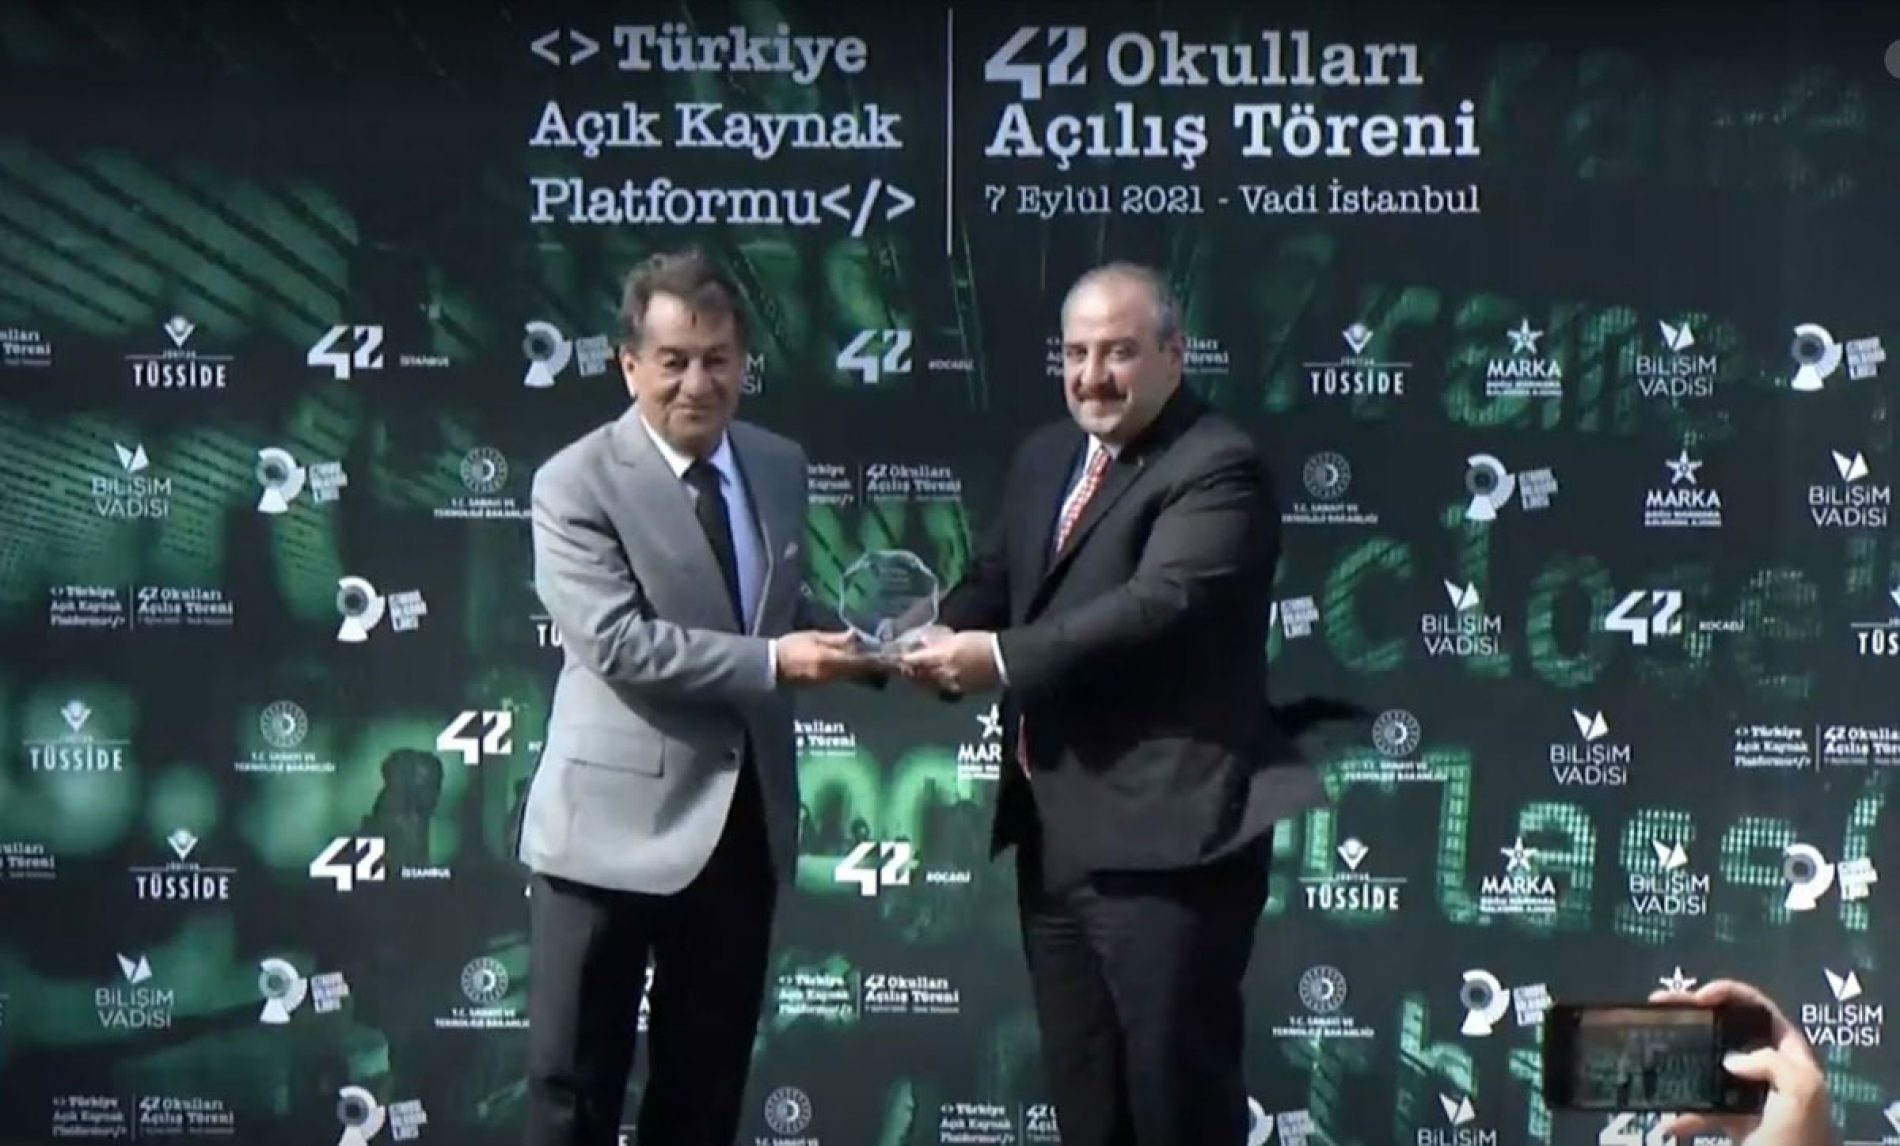 """Türkiye Açık Kaynak Platformu Projesi Kapsamında Açılışı Gerçekleştirilen """"42 Yazılım Okulları"""" Açılış Törenine TBD Genel Başkanı Sayın Rahmi AKTEPE Katıldı"""